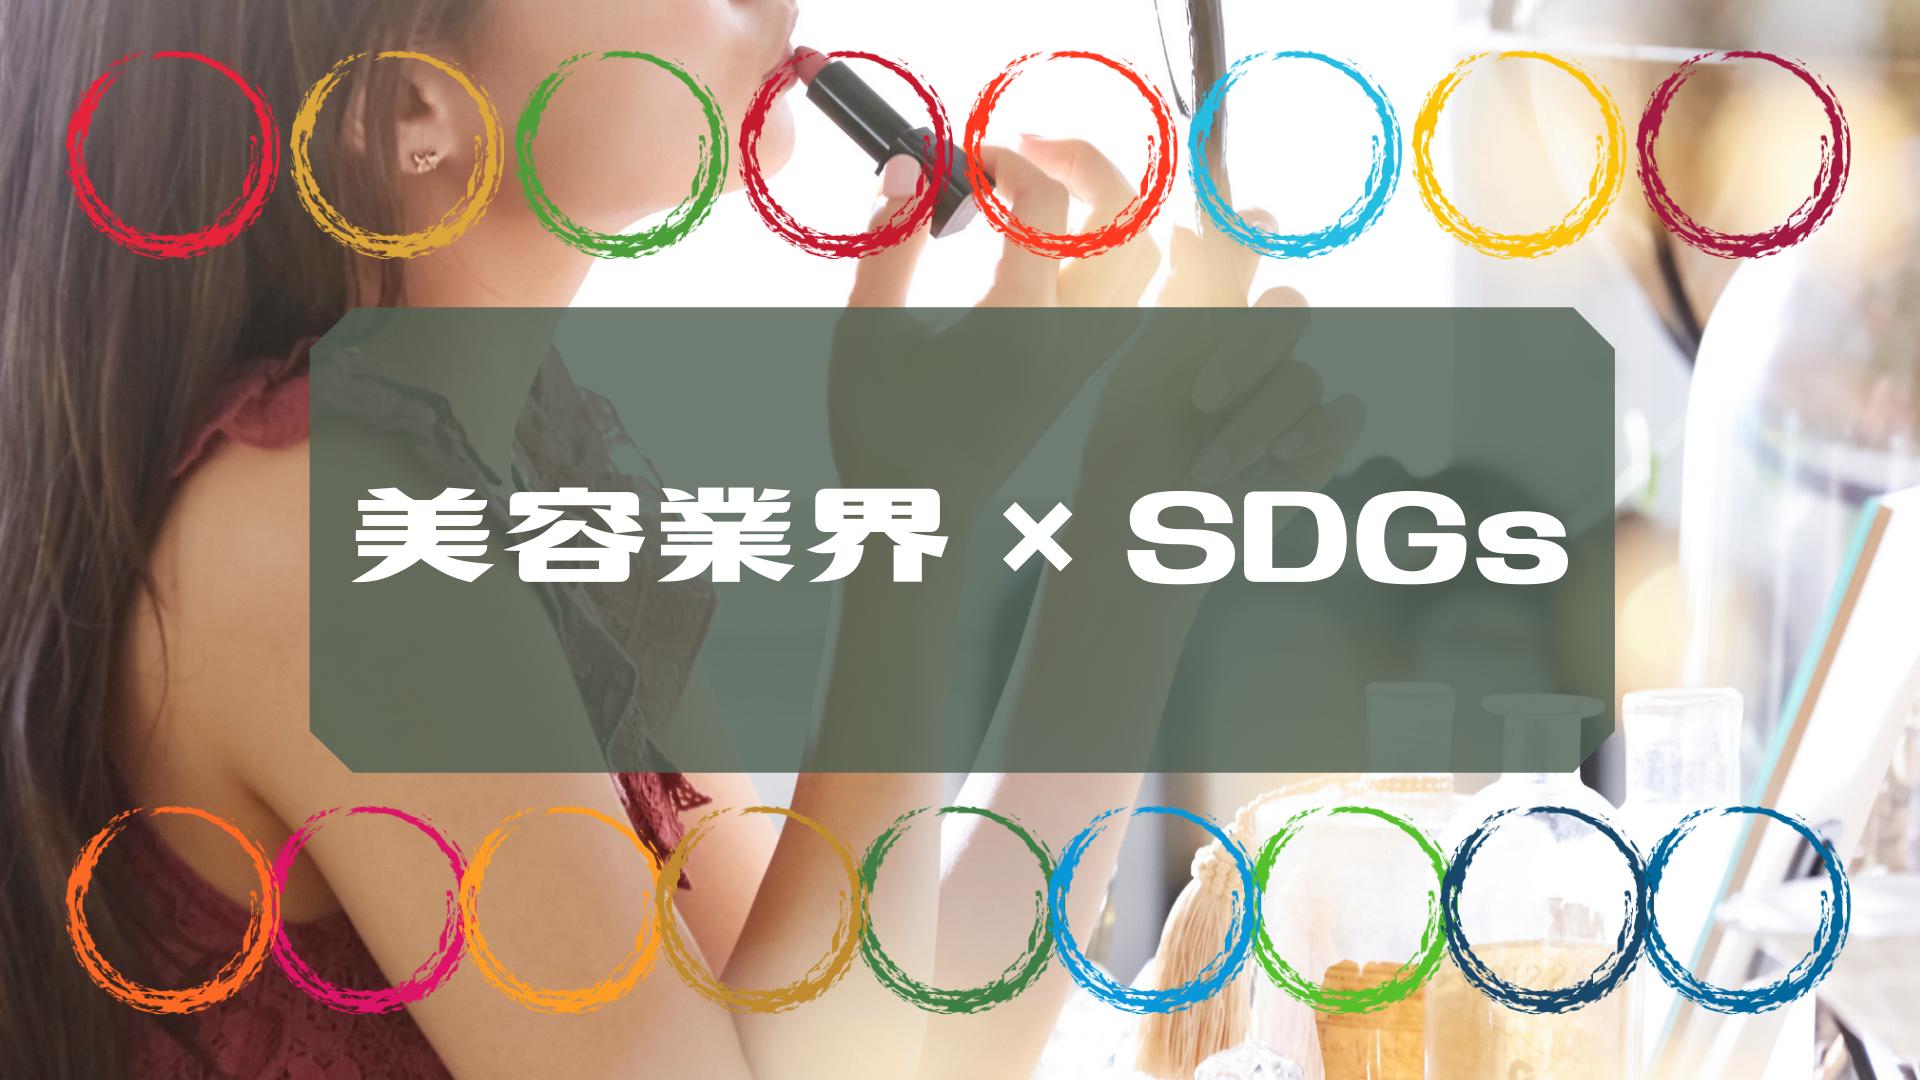 美容業界がSDGsを取り入れるために|実際の取り組み例も紹介